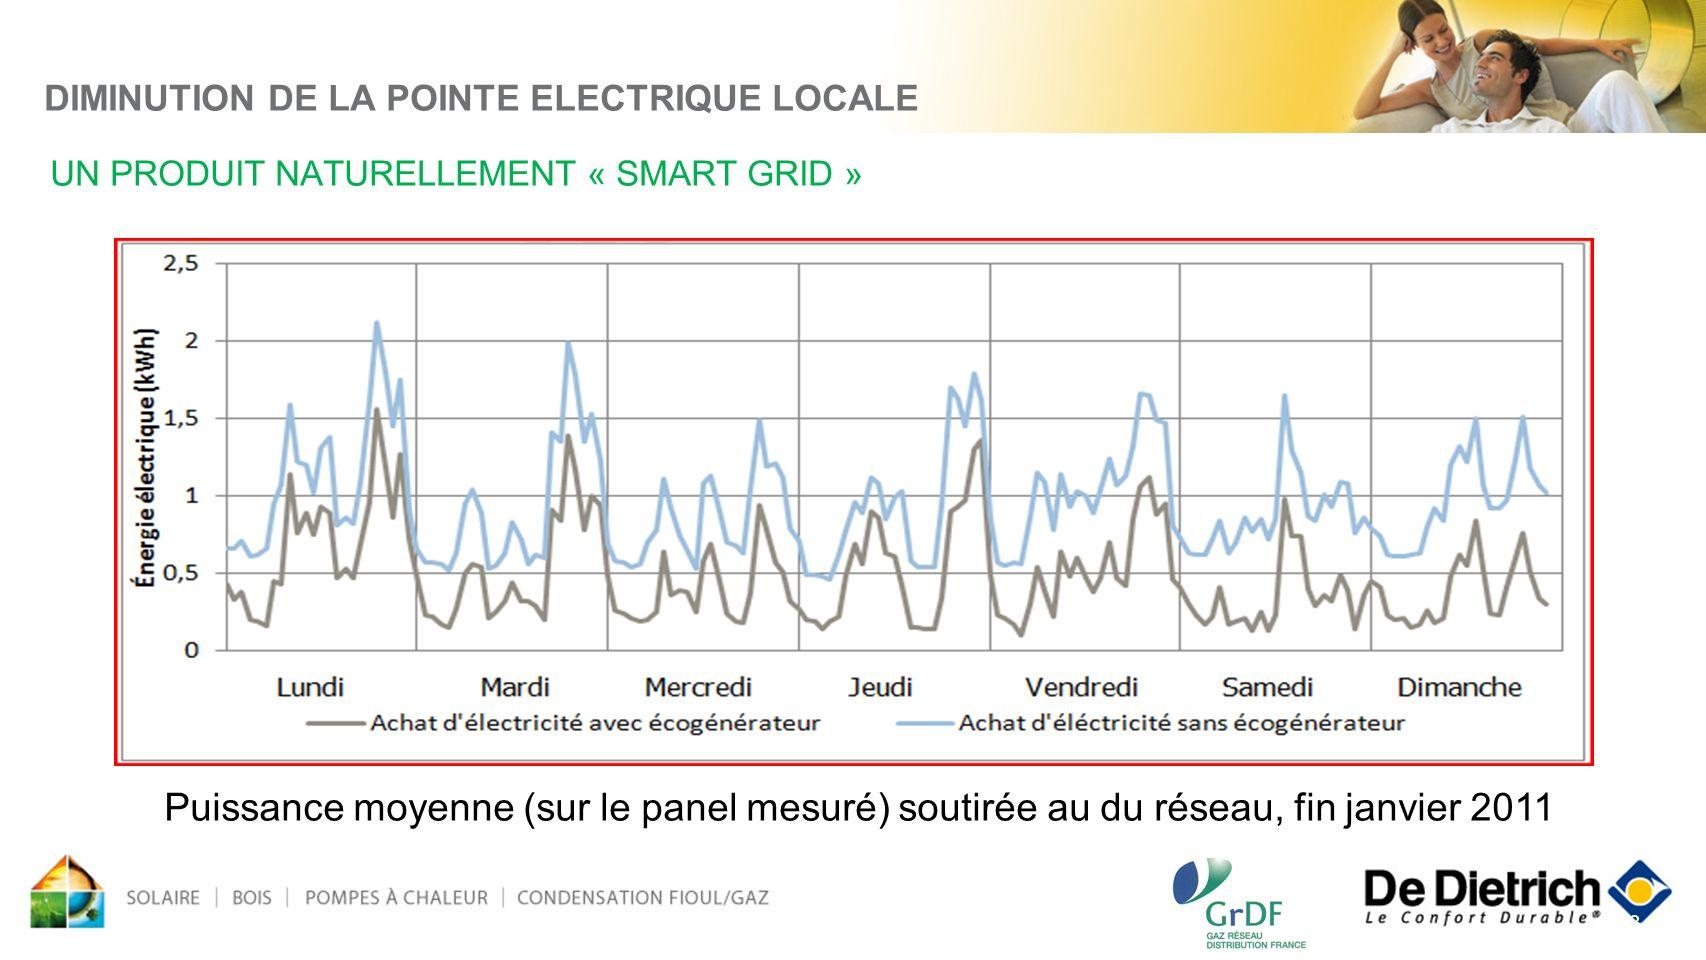 DIMINUTION DE LA POINTE ELECTRIQUE LOCALE UN PRODUIT NATURELLEMENT « SMART GRID »